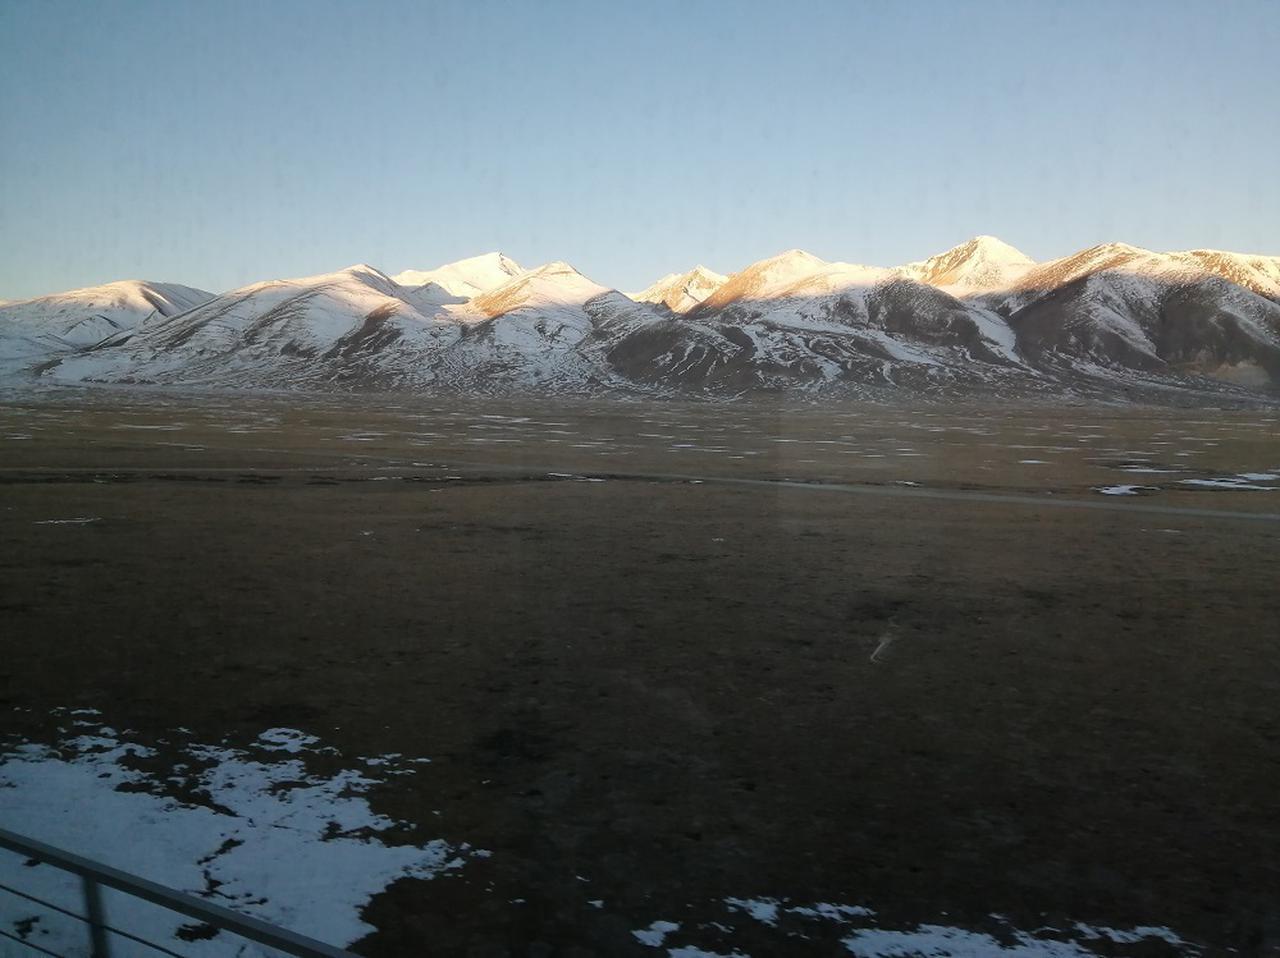 画像: 広大なタングラ山脈の雪山の景色が続く。朝日が照りかえり、神秘的な一瞬を迎える。